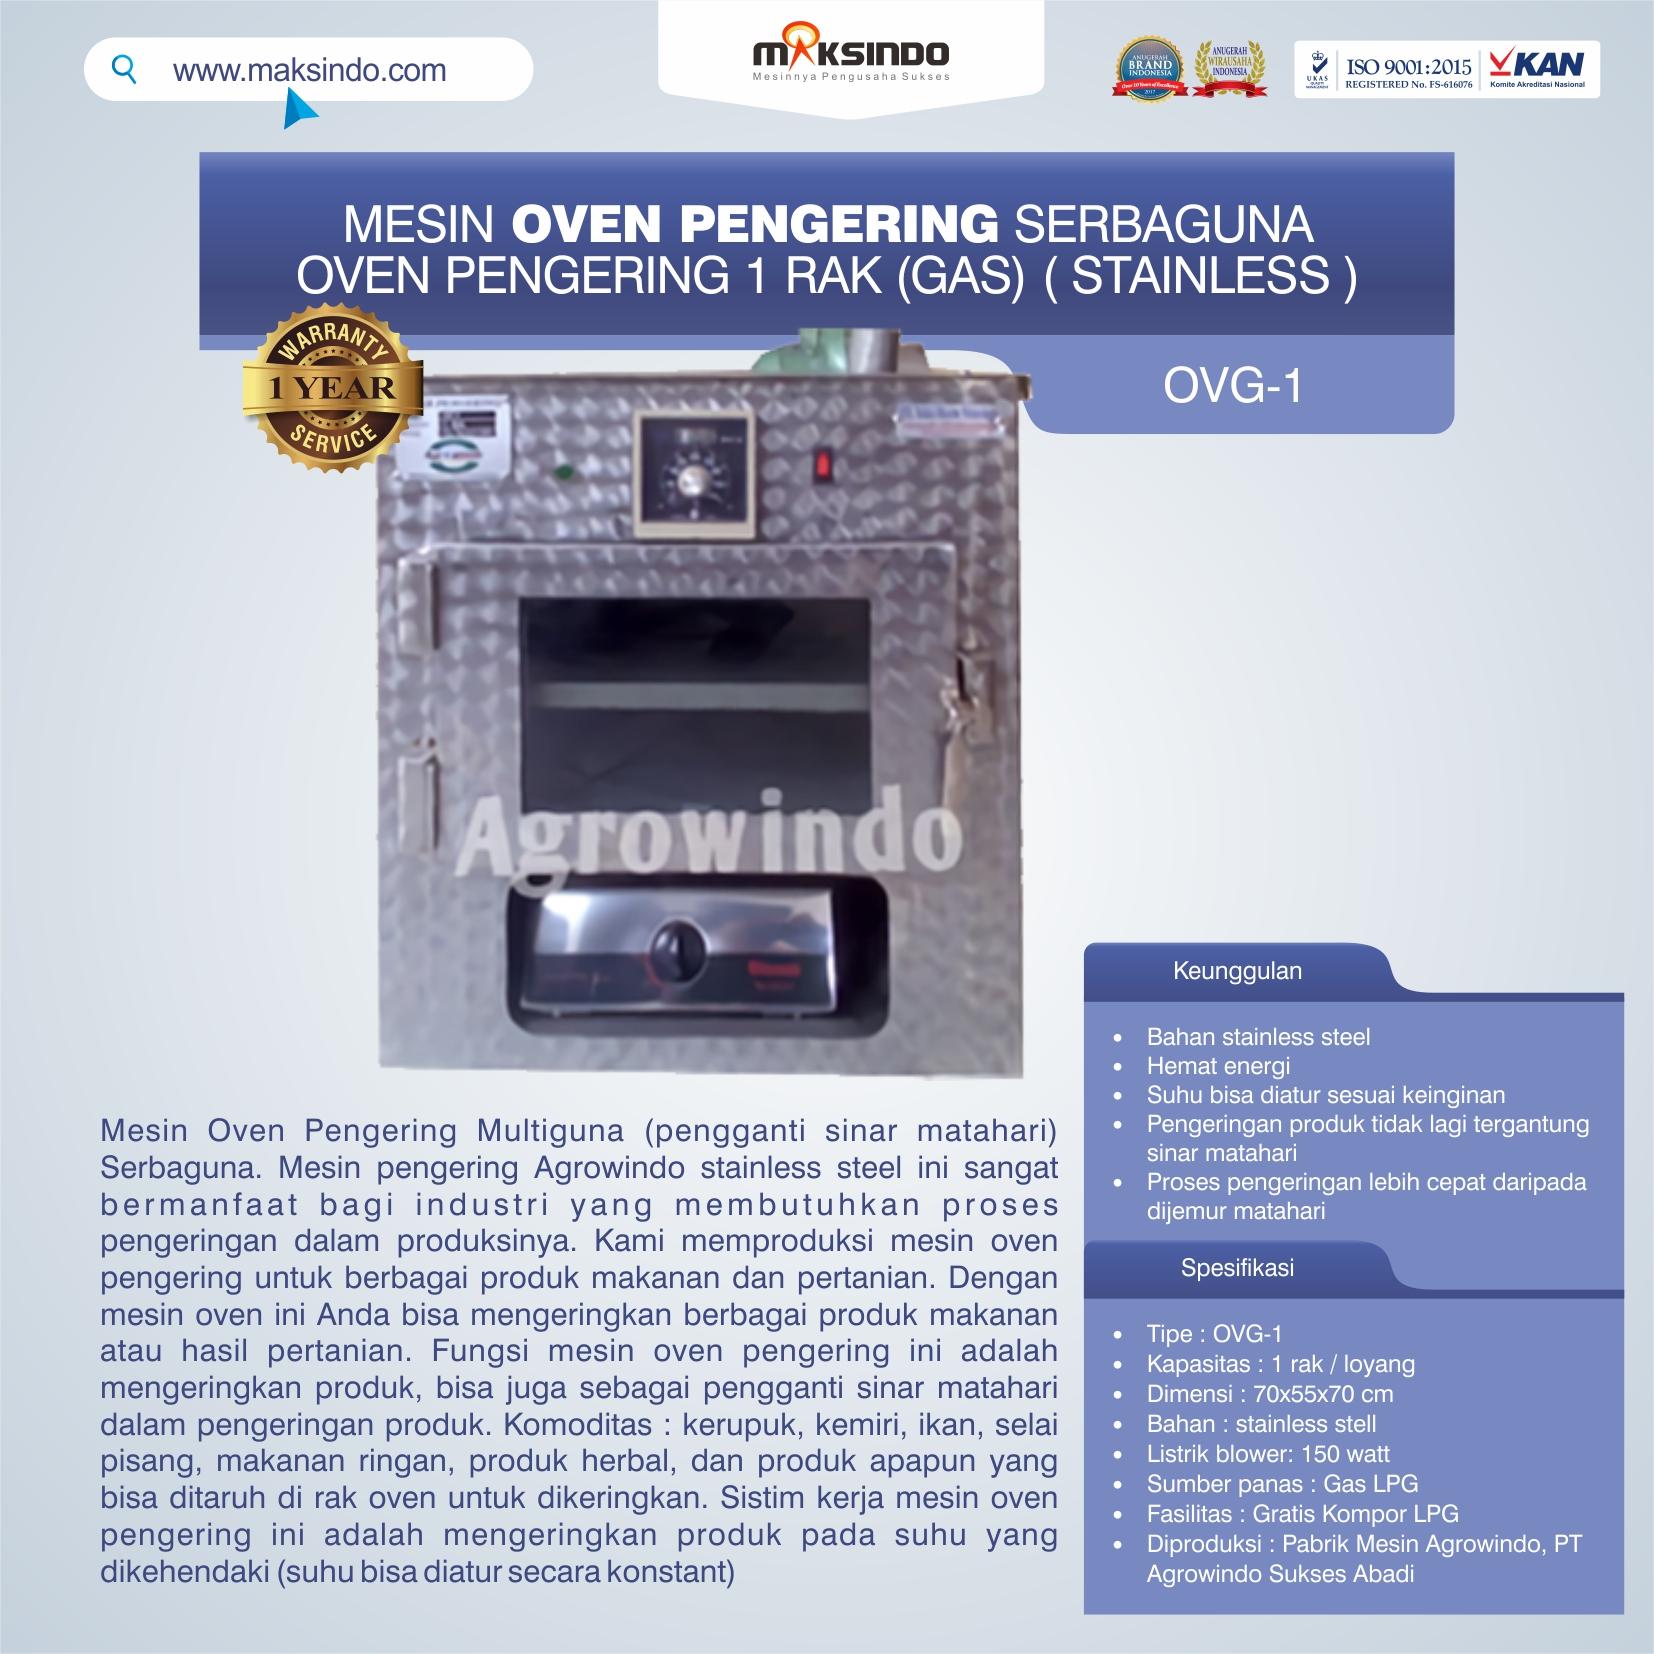 Jual Mesin Oven Pengering Serbaguna (Stainless – Gas) di Pekanbaru